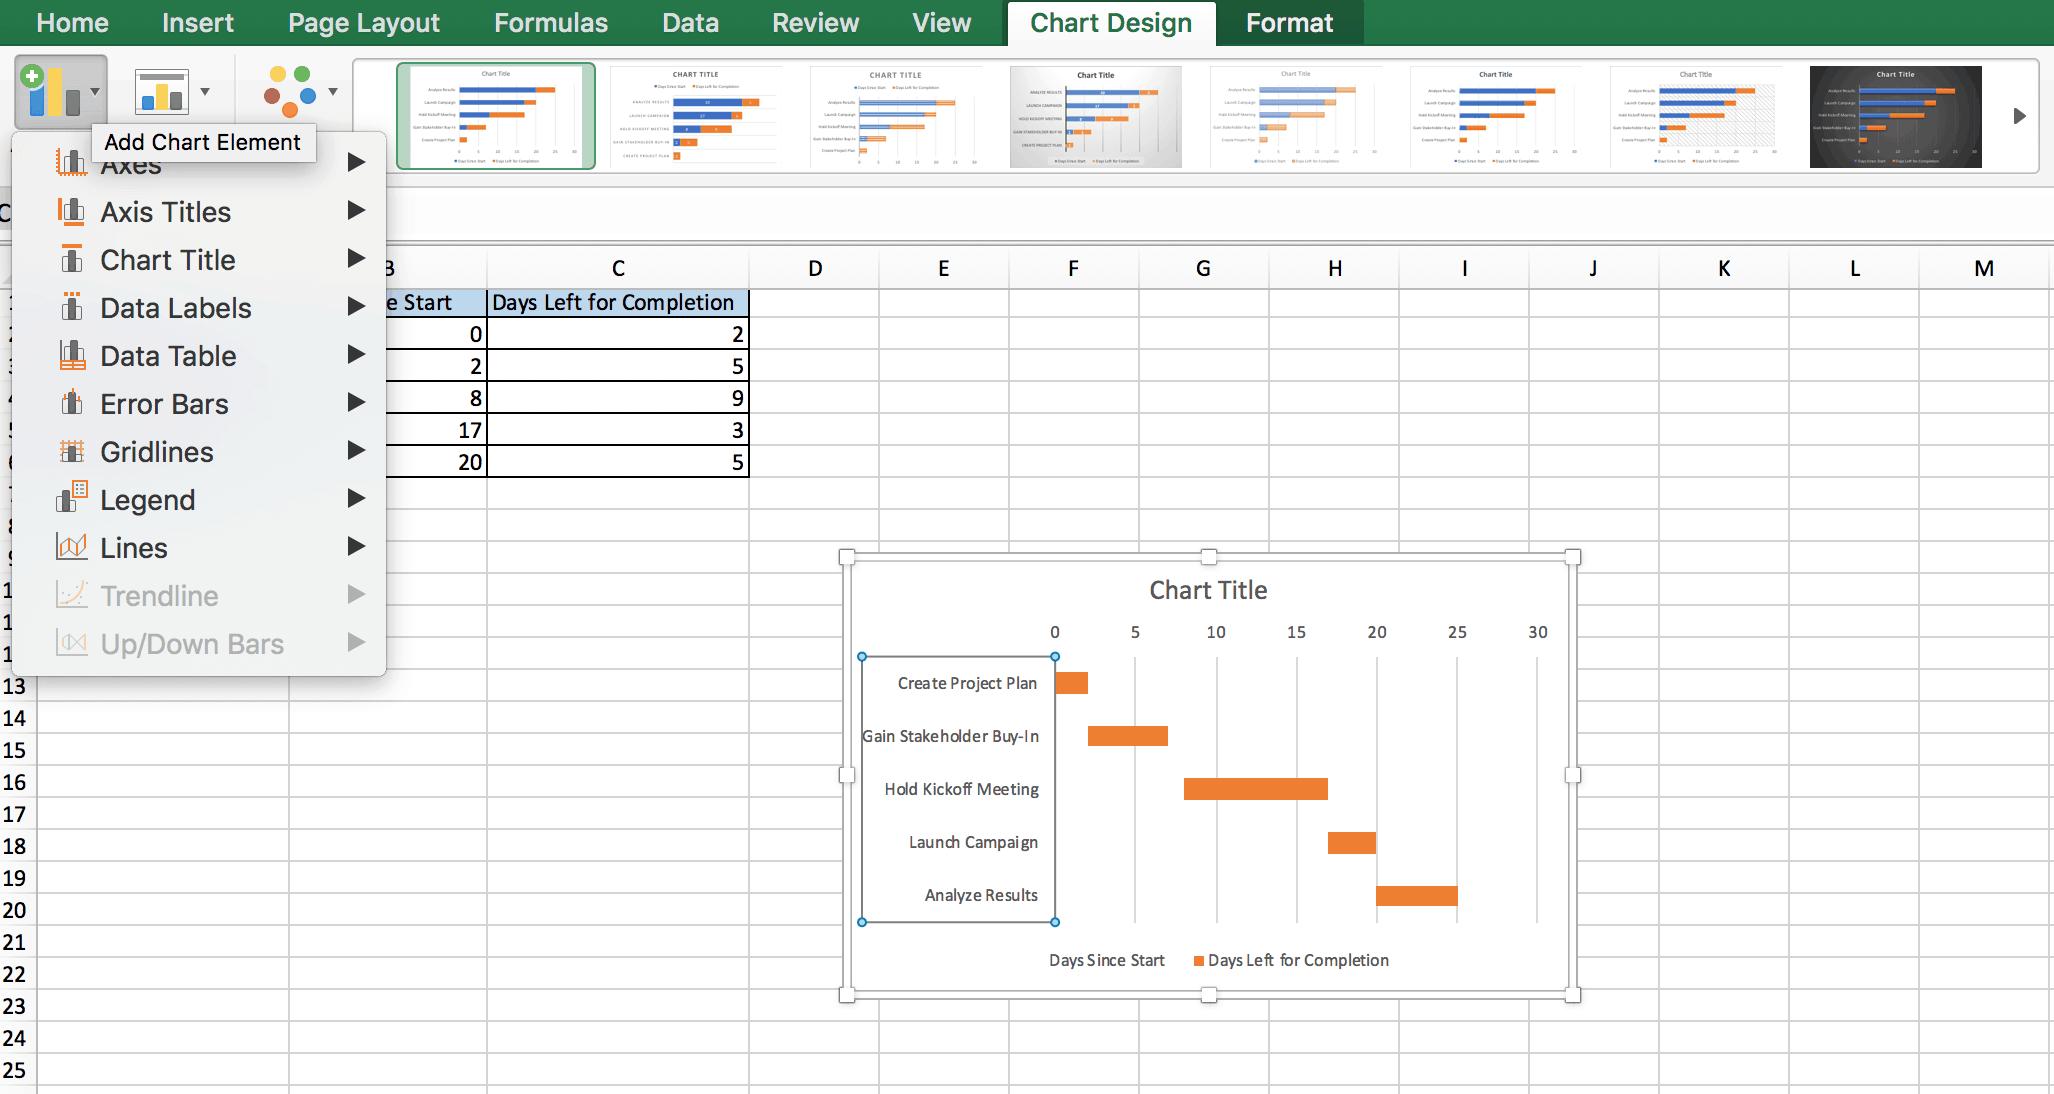 Add Chart Elements